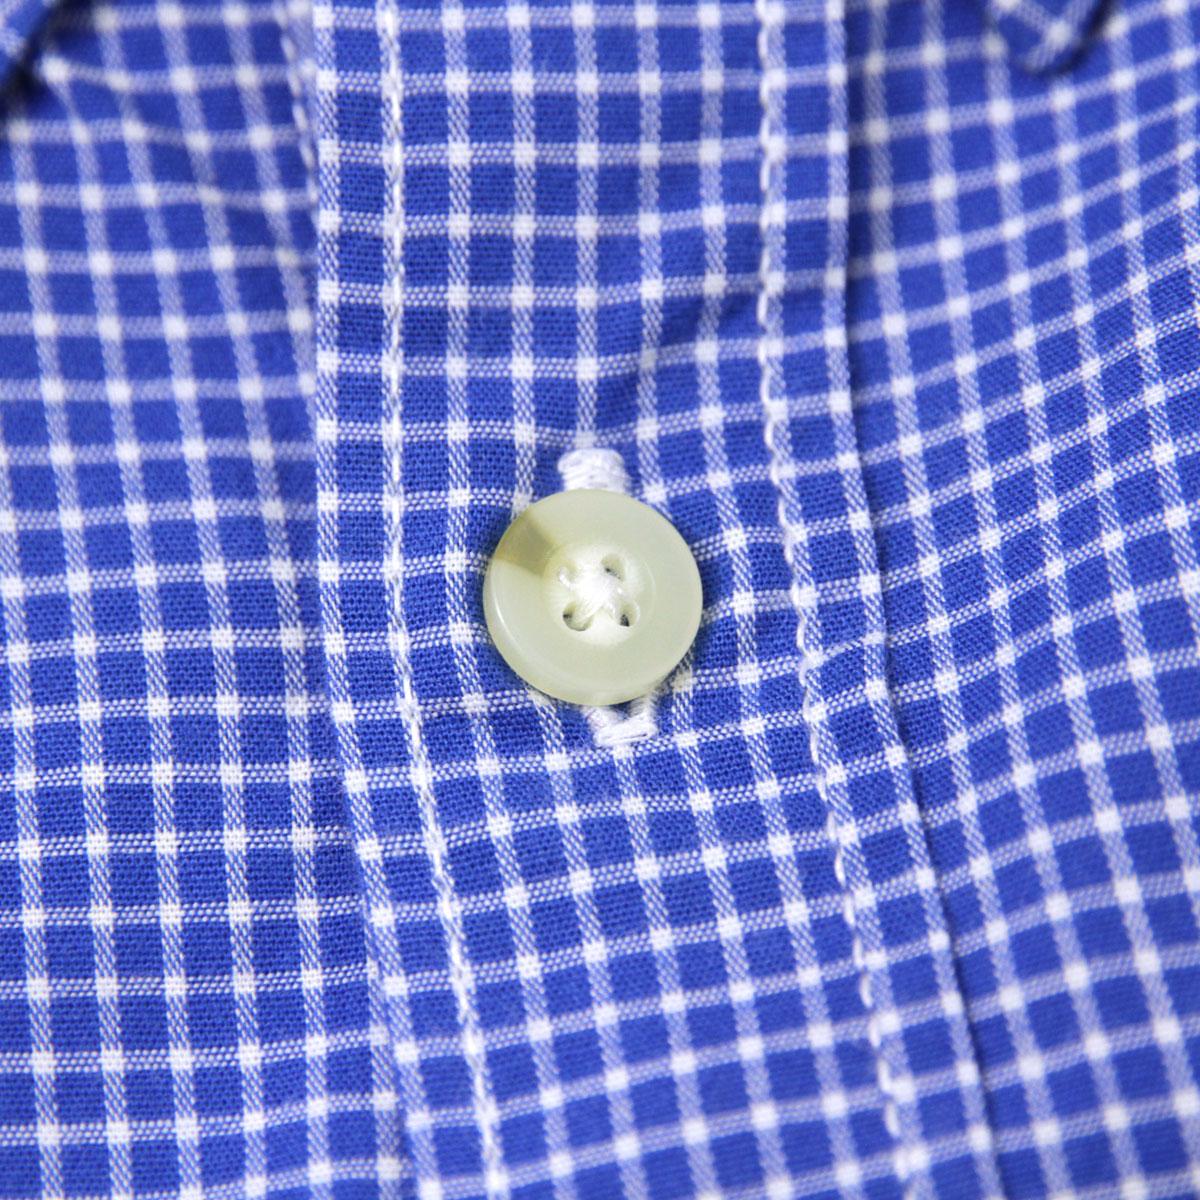 ホリスター HOLLISTER 正規品 メンズ 長袖シャツ  Plaid Poplin Shirt Epic Flex 325-253-0255-228